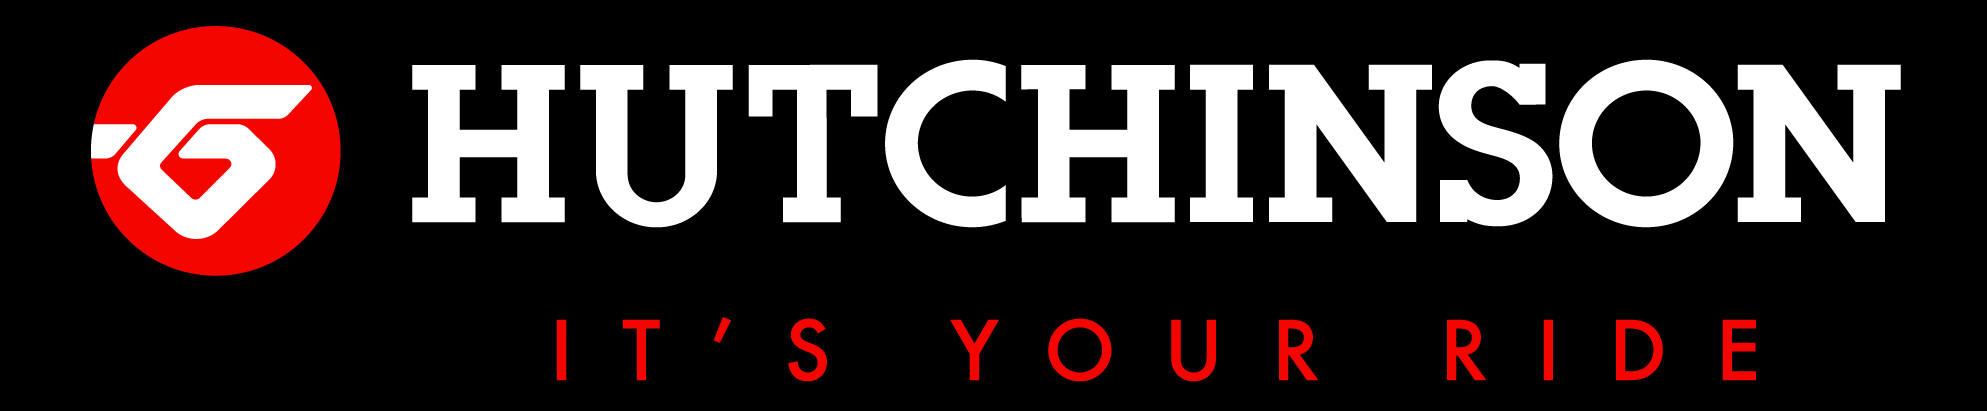 Bildergebnis für hutchinson logo original